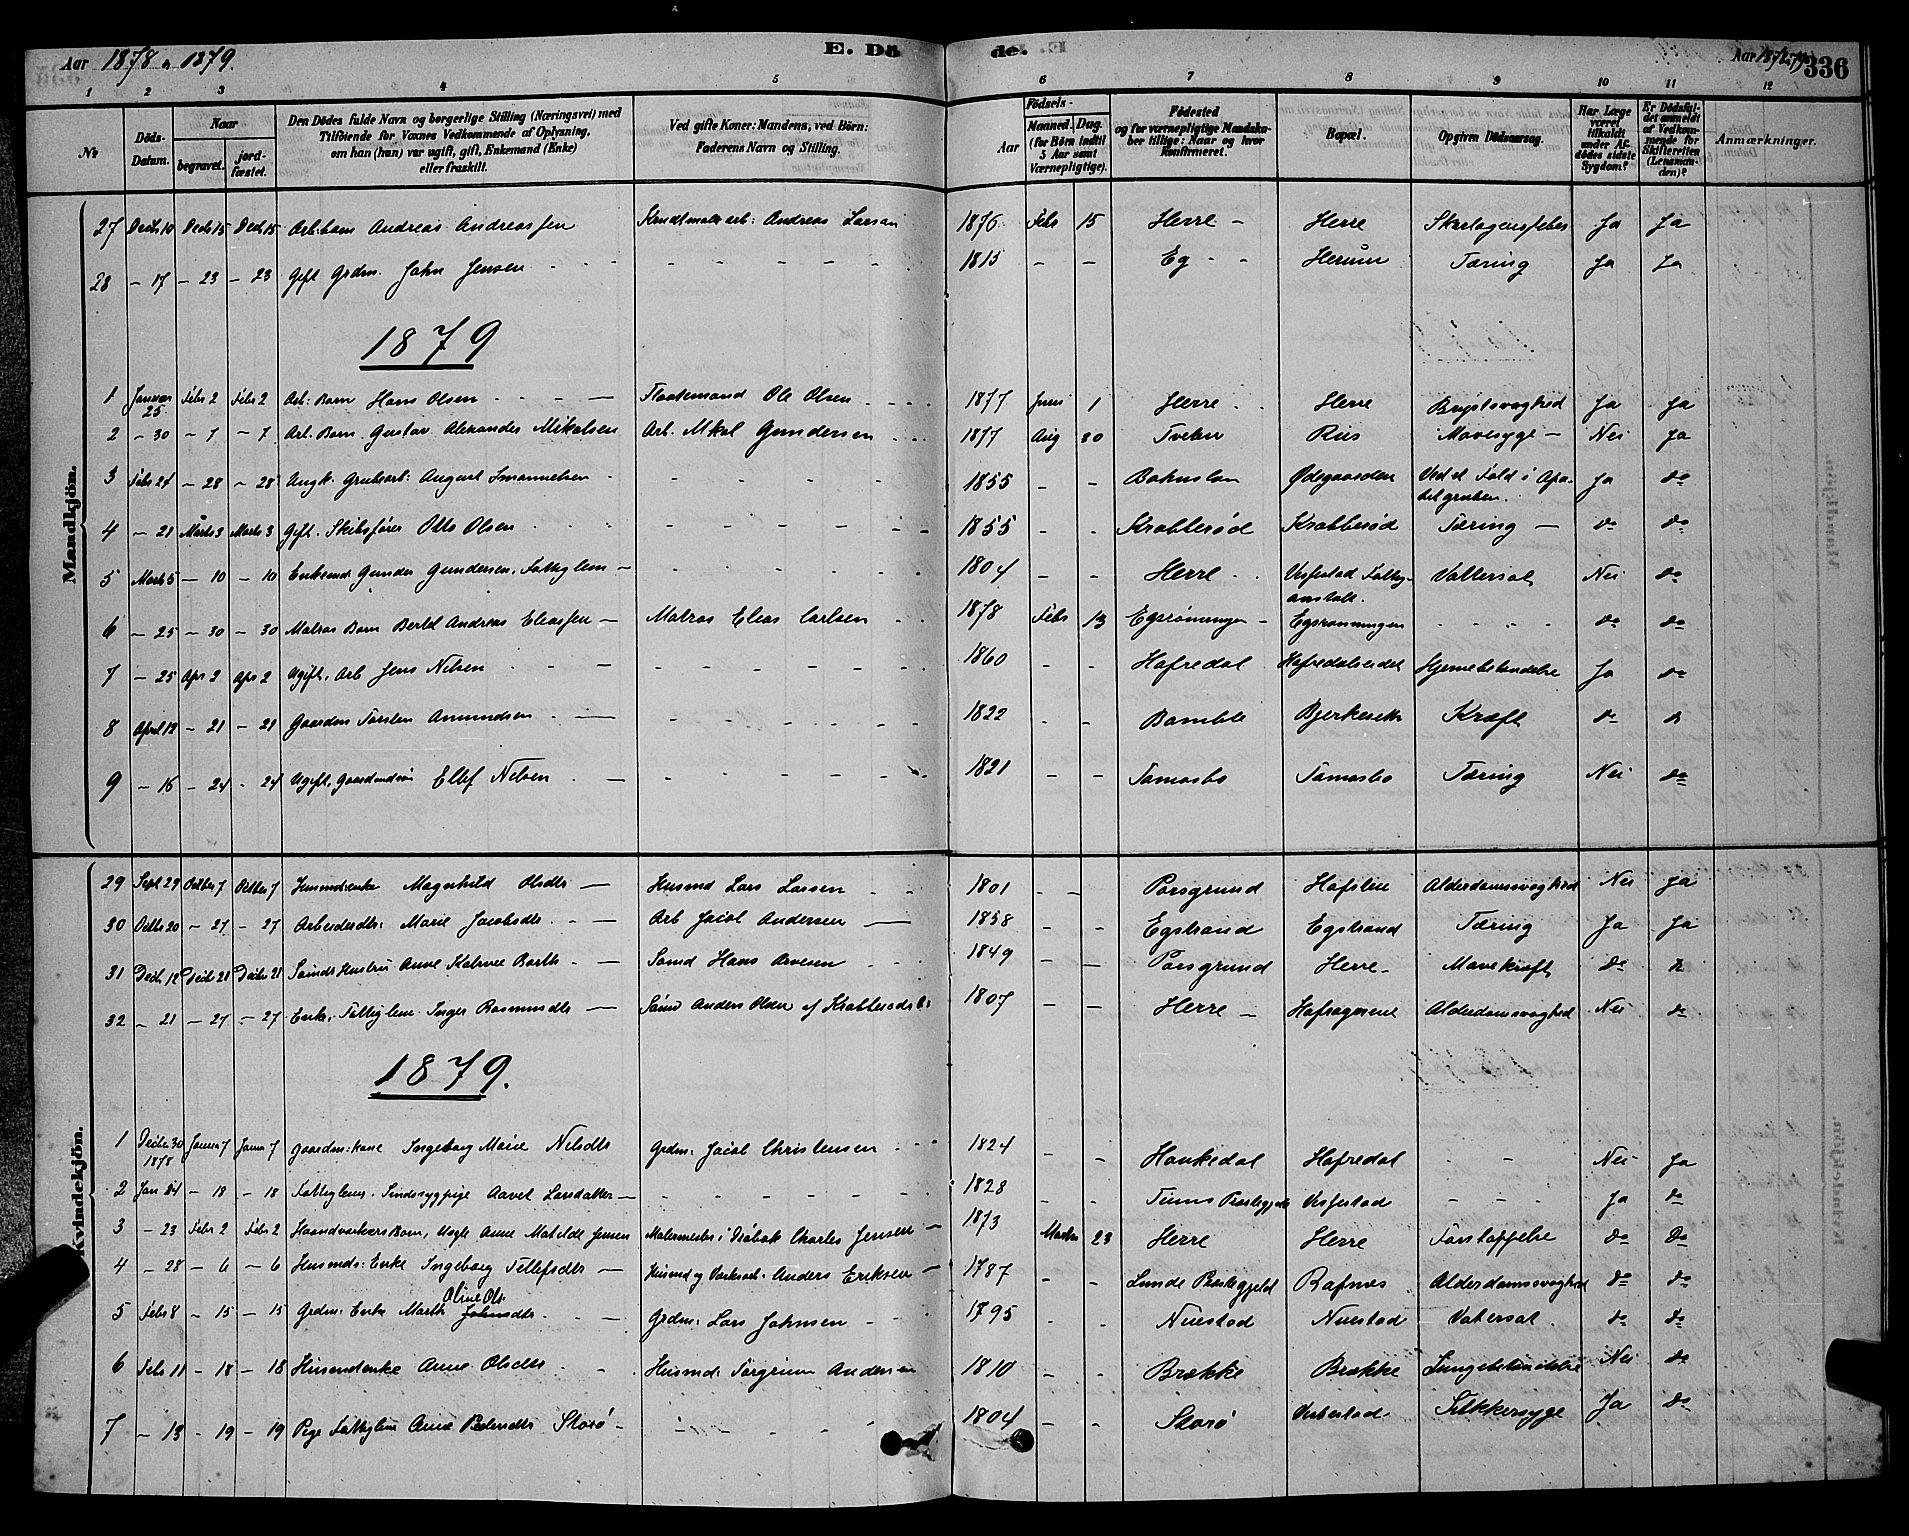 SAKO, Bamble kirkebøker, G/Ga/L0008: Klokkerbok nr. I 8, 1878-1888, s. 336